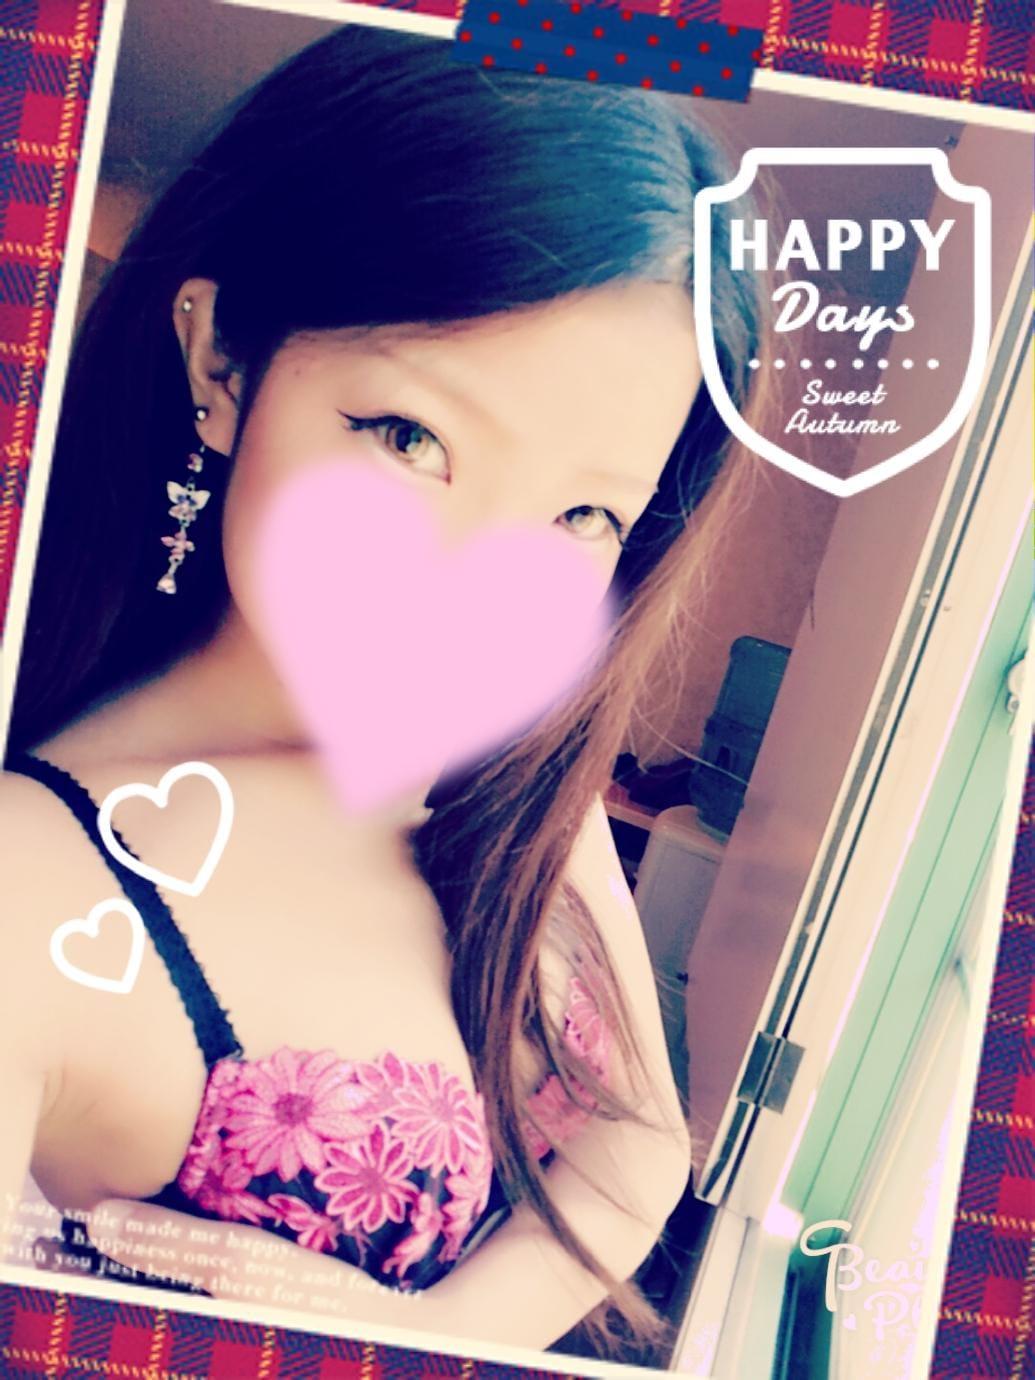 「先程のお客様へ*°」07/18(水) 00:03 | マミの写メ・風俗動画